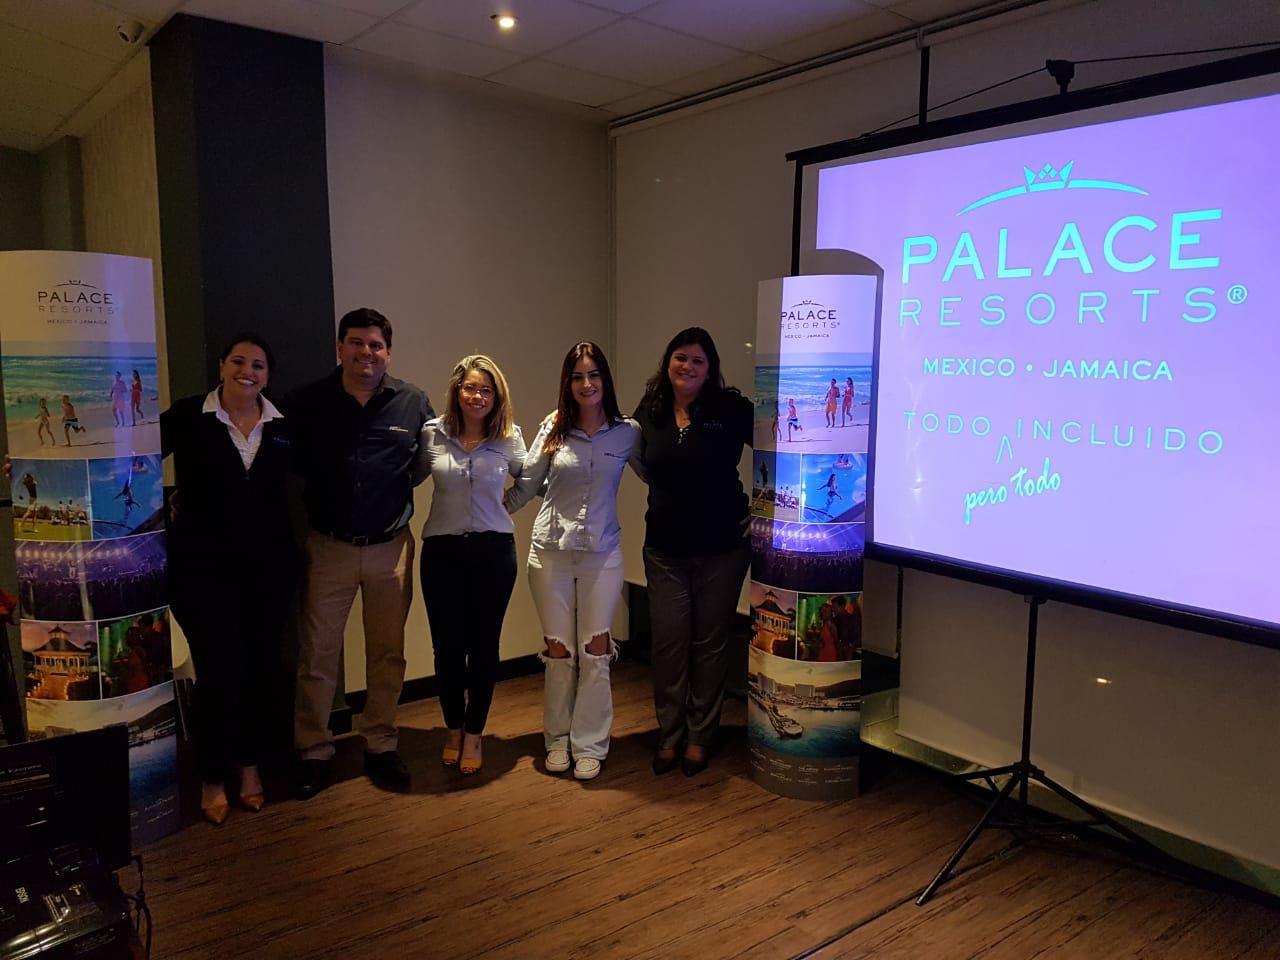 Em parceria, rede Palace Resorts e FRT Operadora realizaram evento em Juiz de Fora